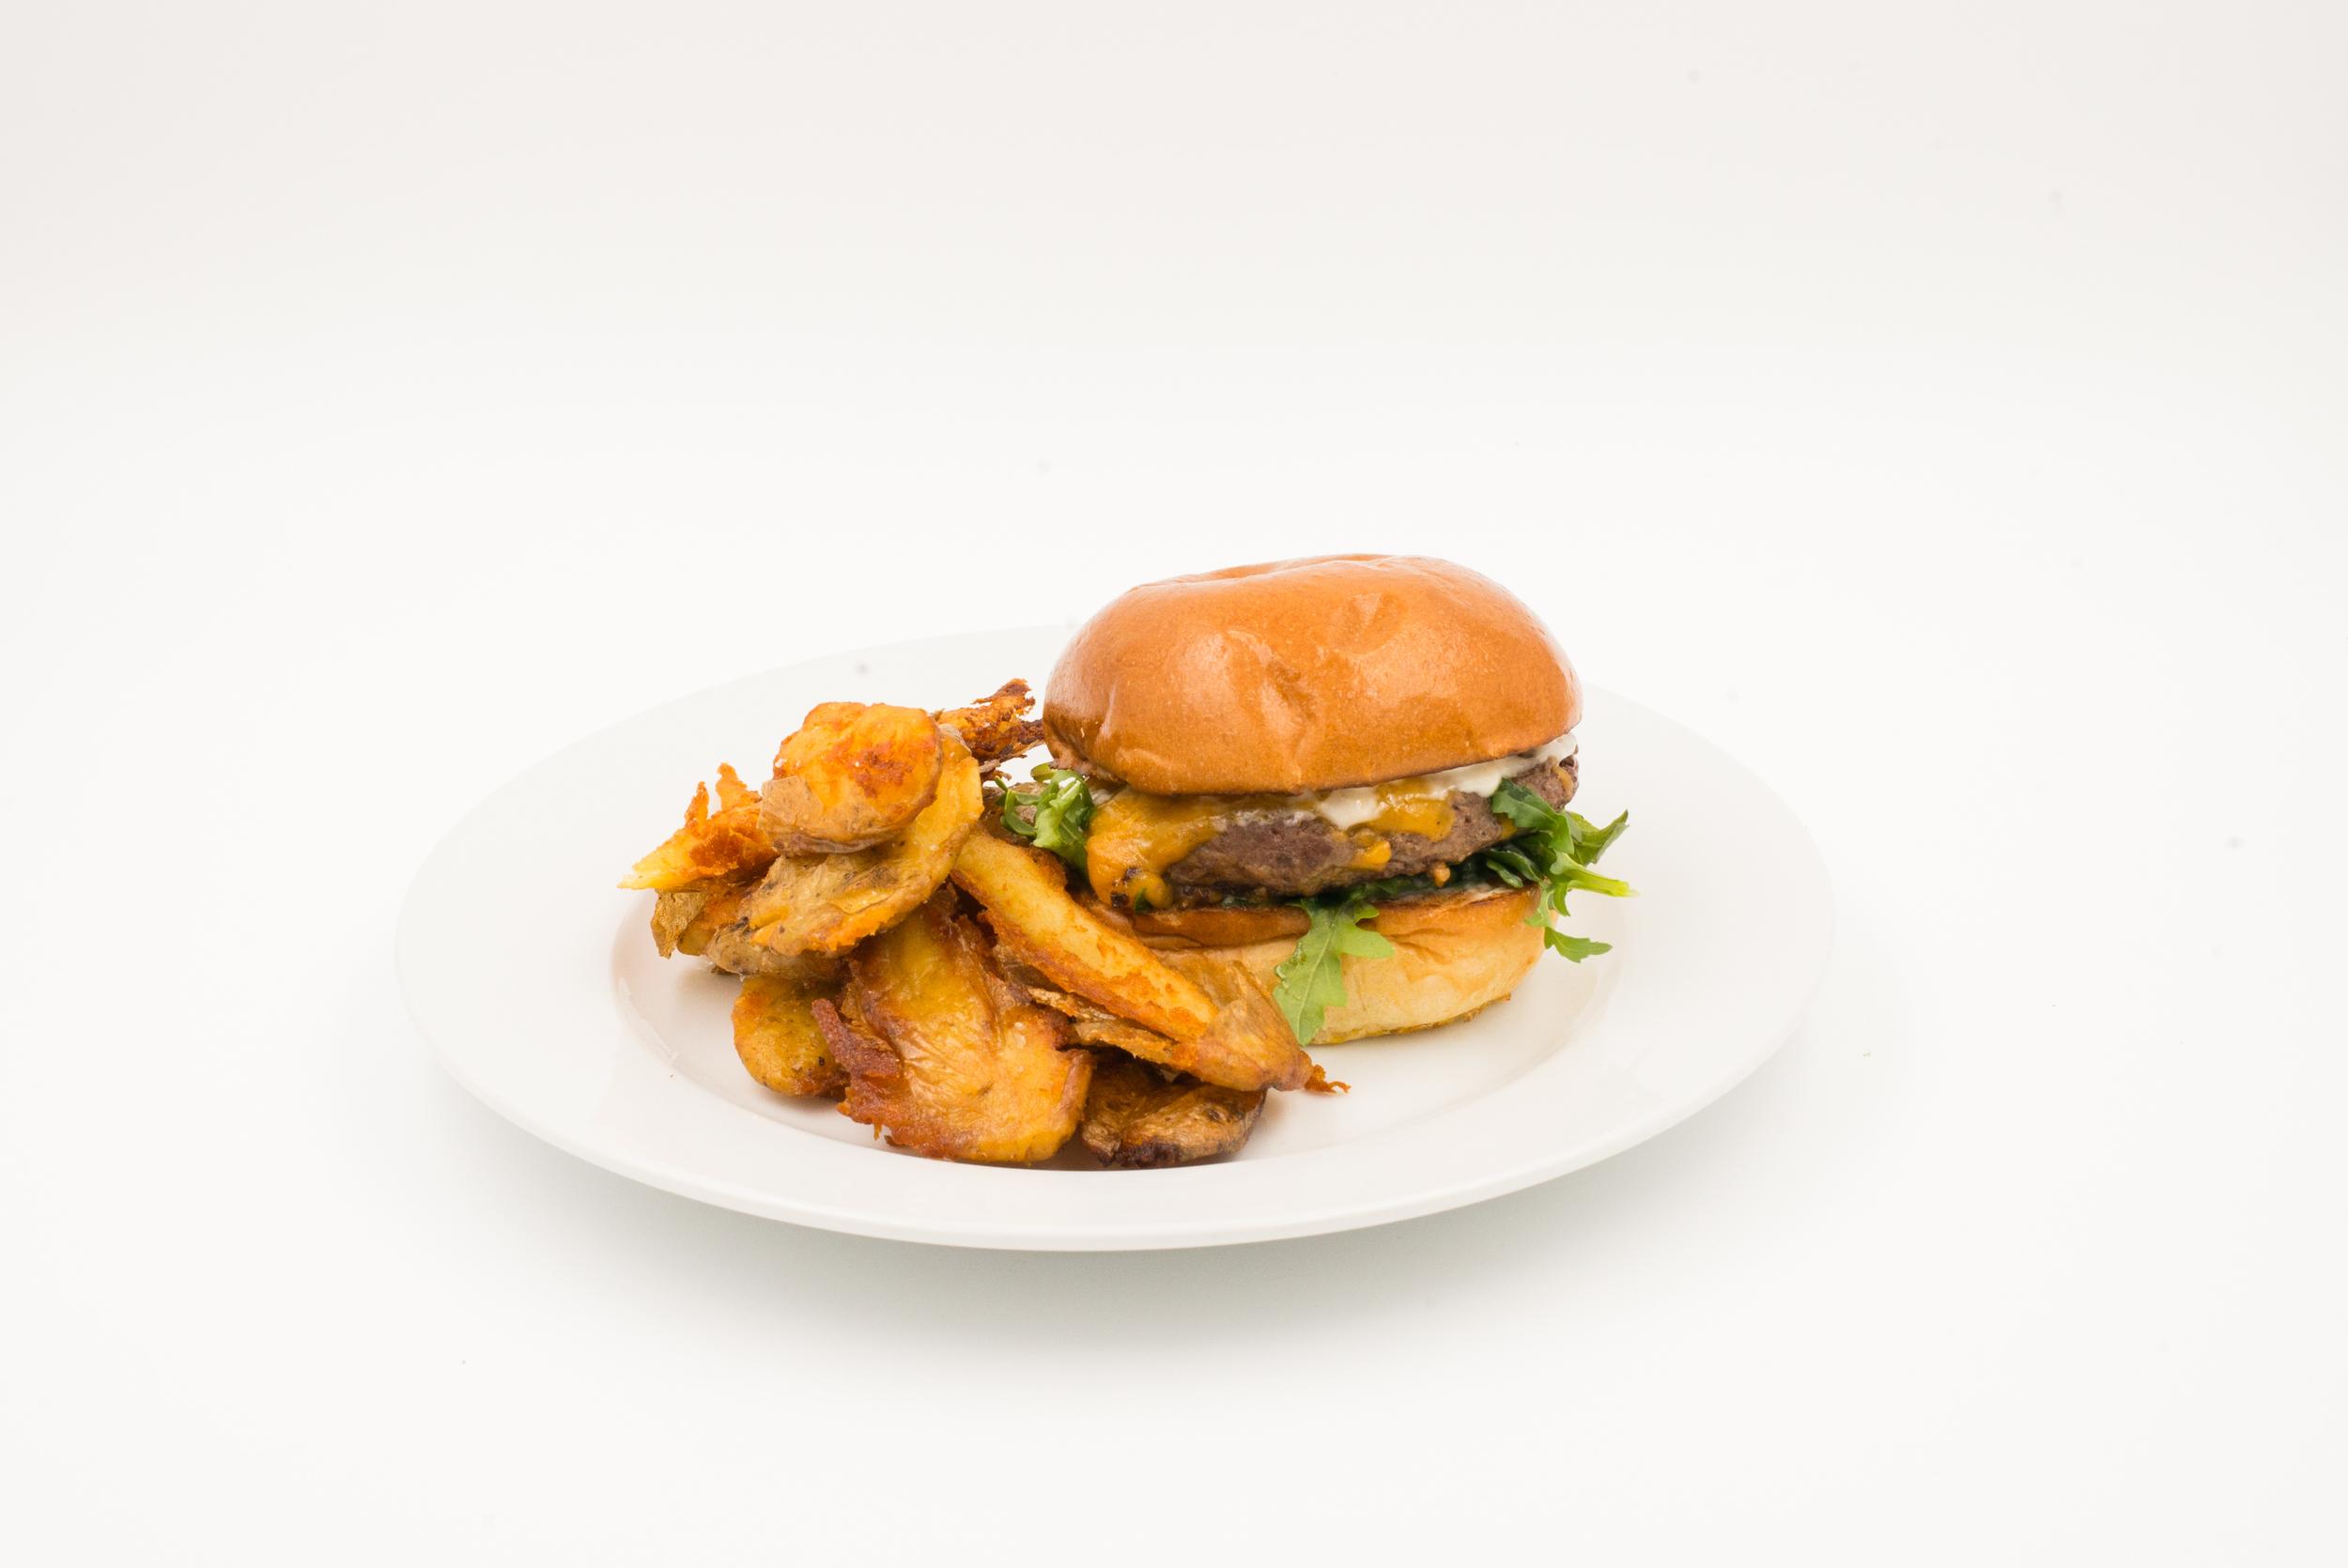 Bison_burger-1.jpg